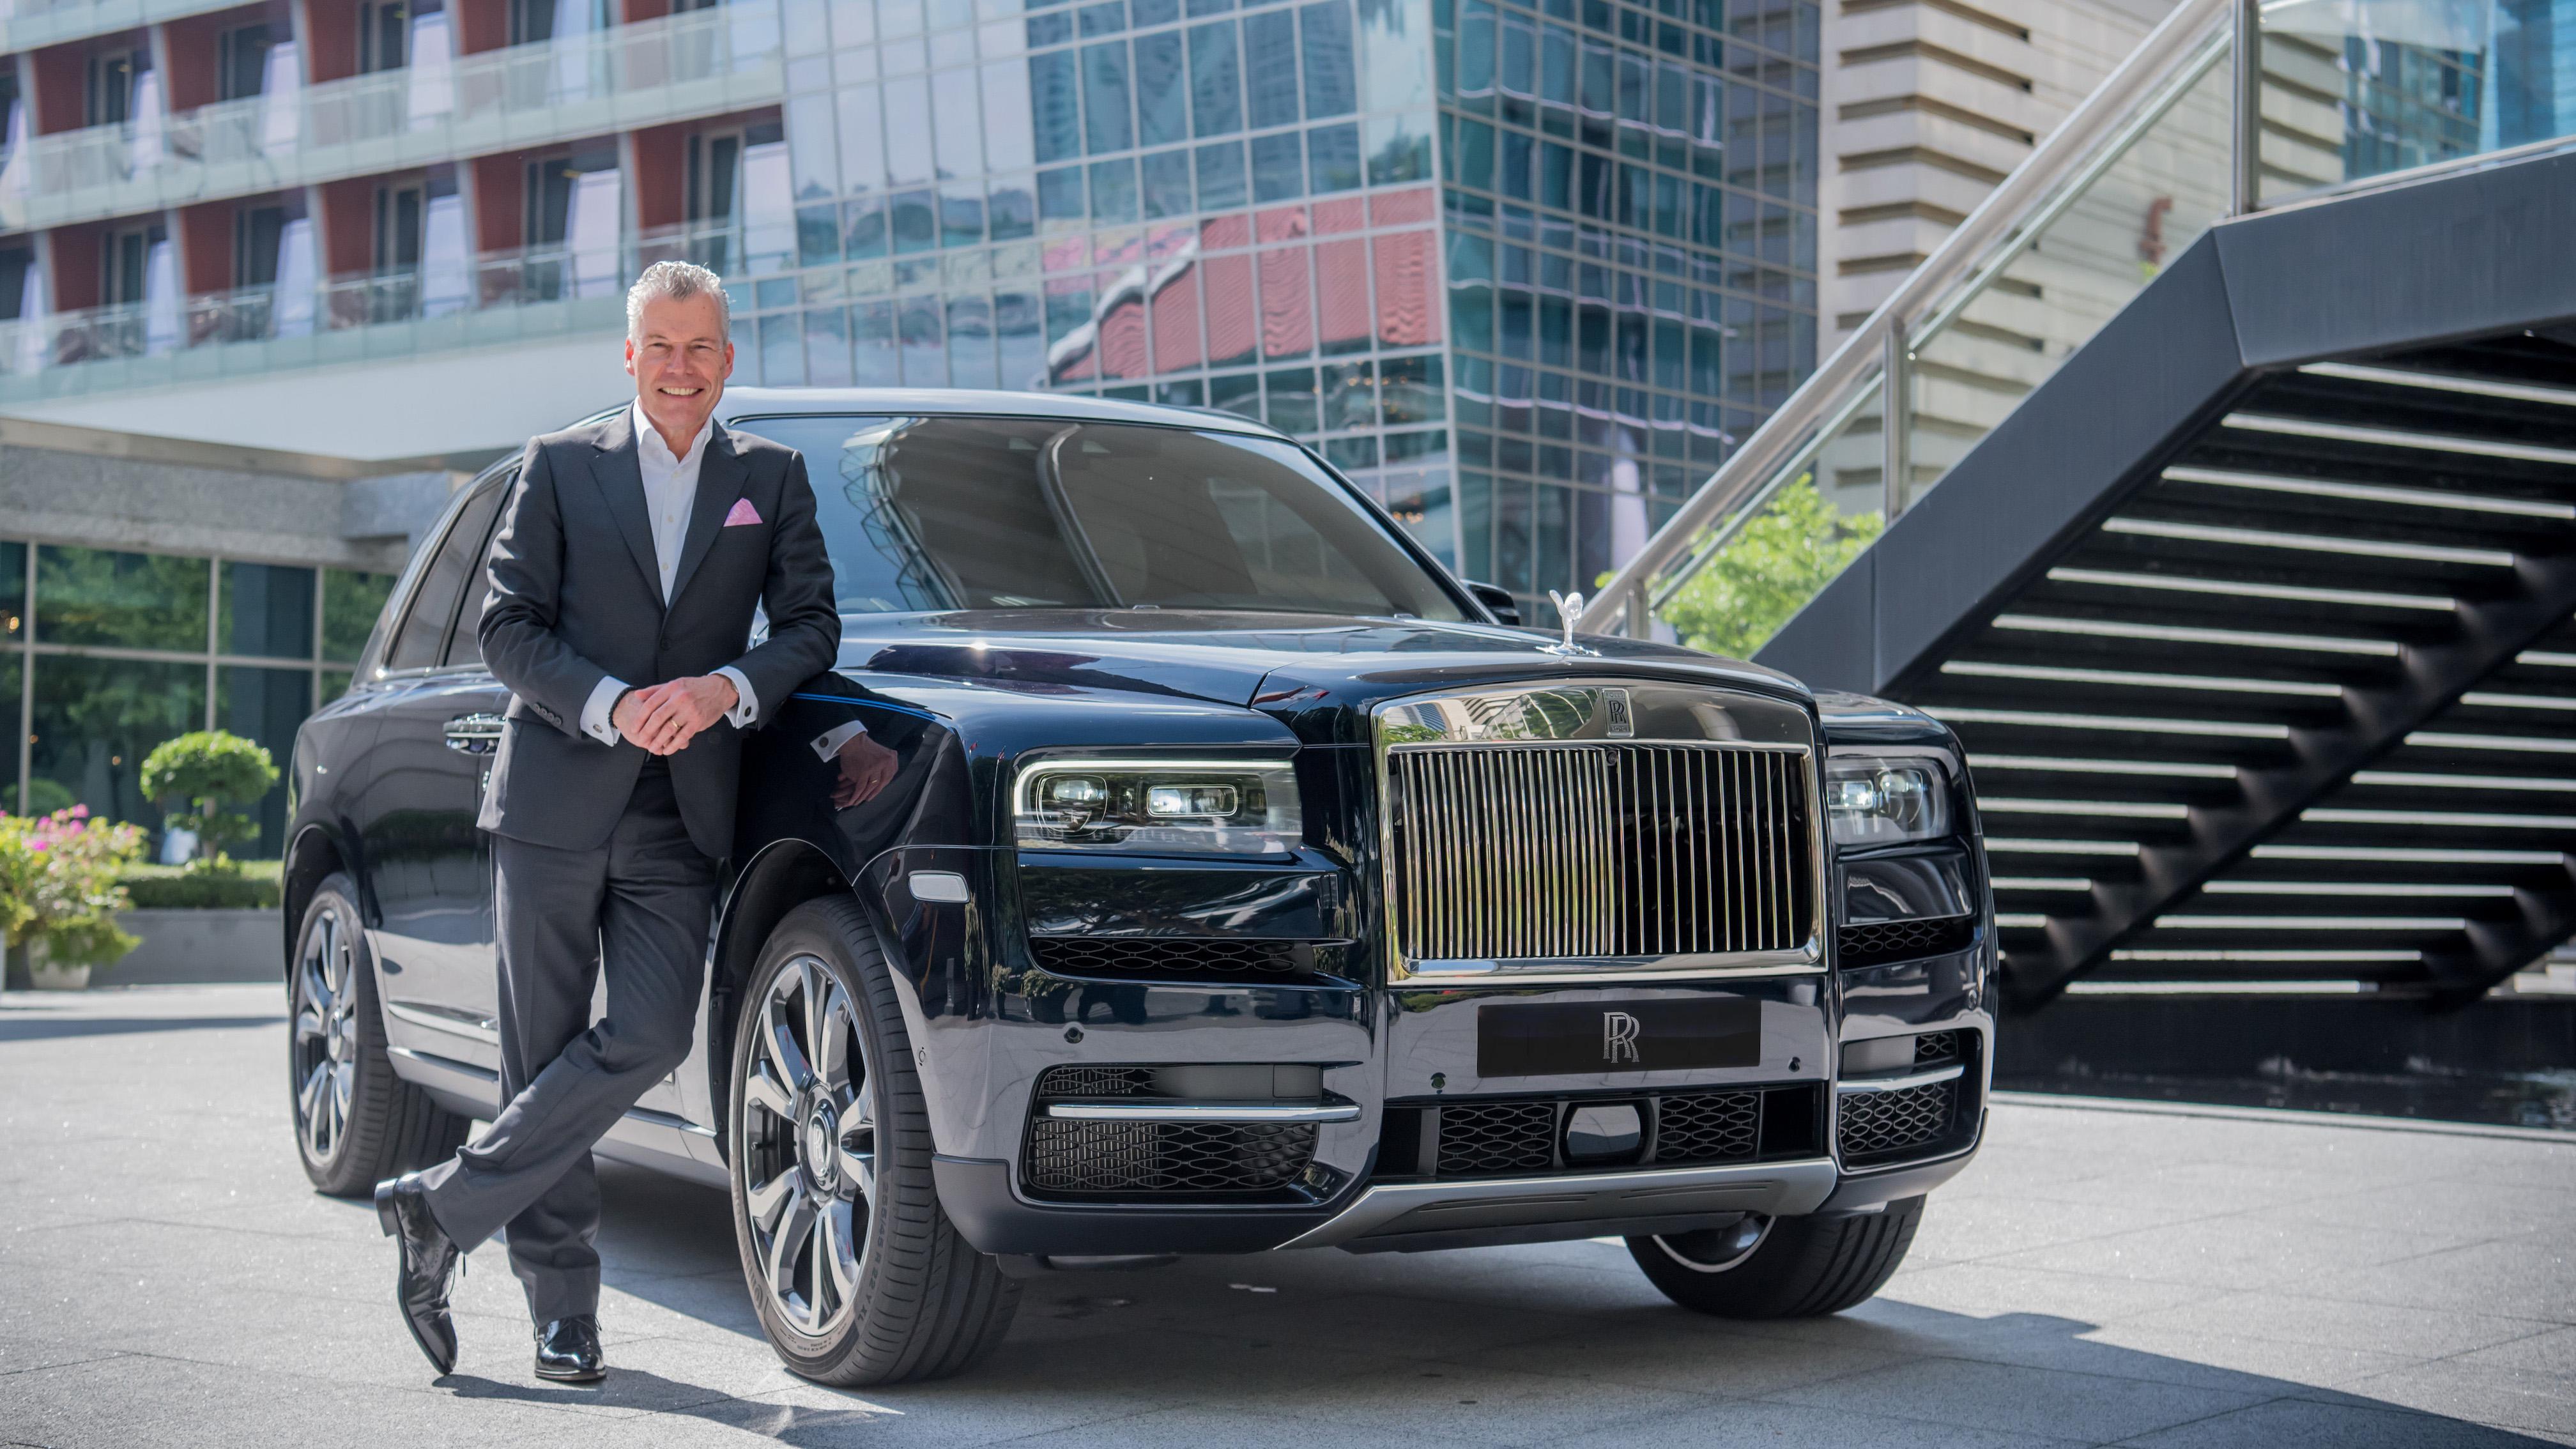 景氣不好?有錢人說還好!Rolls-Royce 去年銷量破 5,000 台